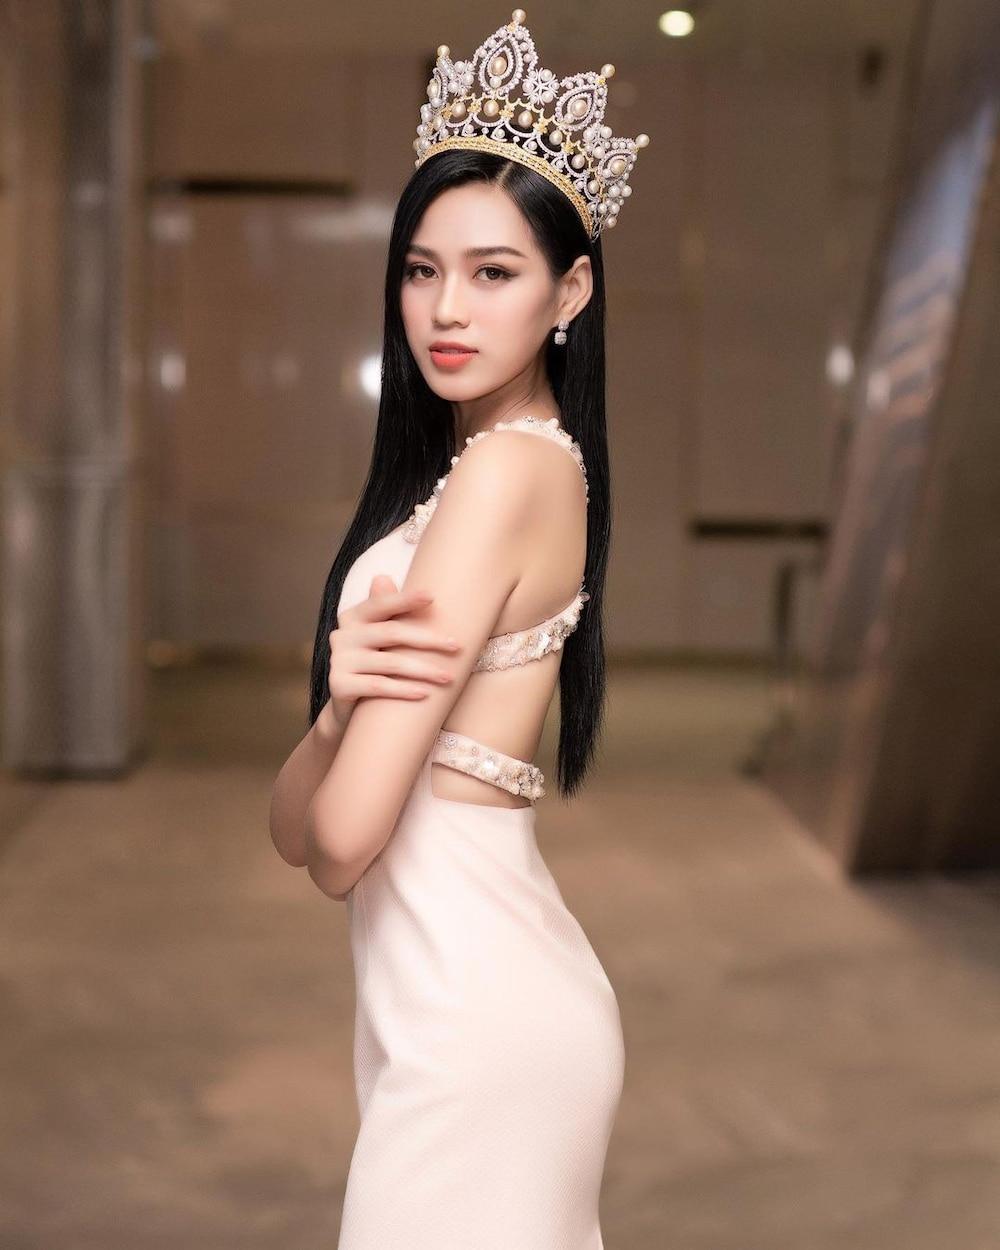 Hóa nữ thần nhưng Đỗ Thị Hà lại lộ vẻ mệt mỏi, kém sắc khiến fans lo lắng Ảnh 6